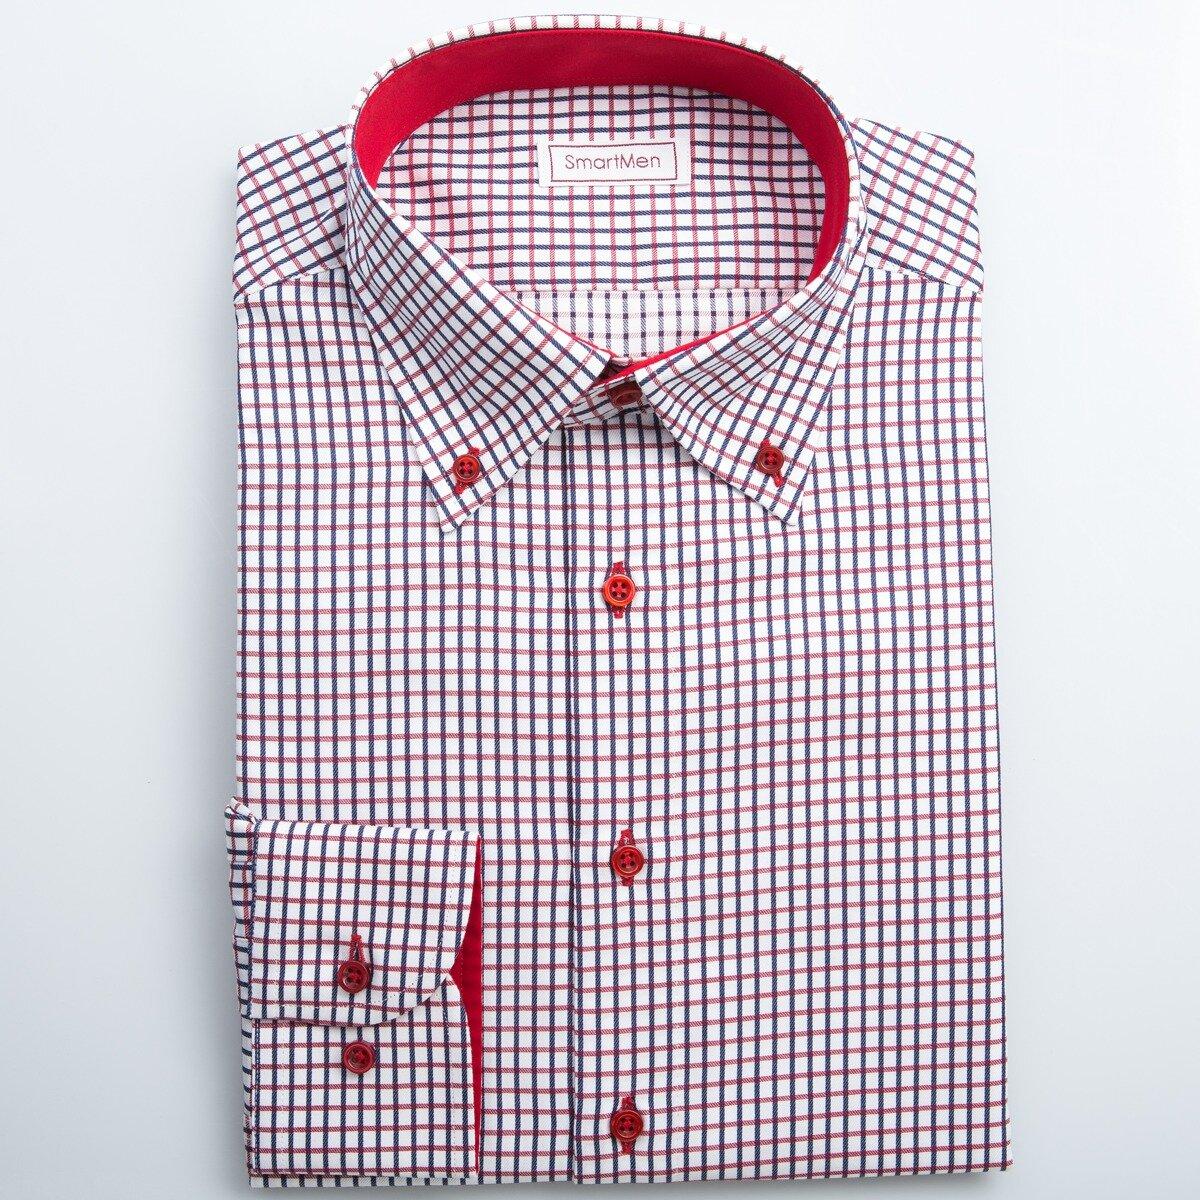 06eab8bcb99b Button-down košeľa kockovaná červená s gombíkmi tón v tóne SmartMen